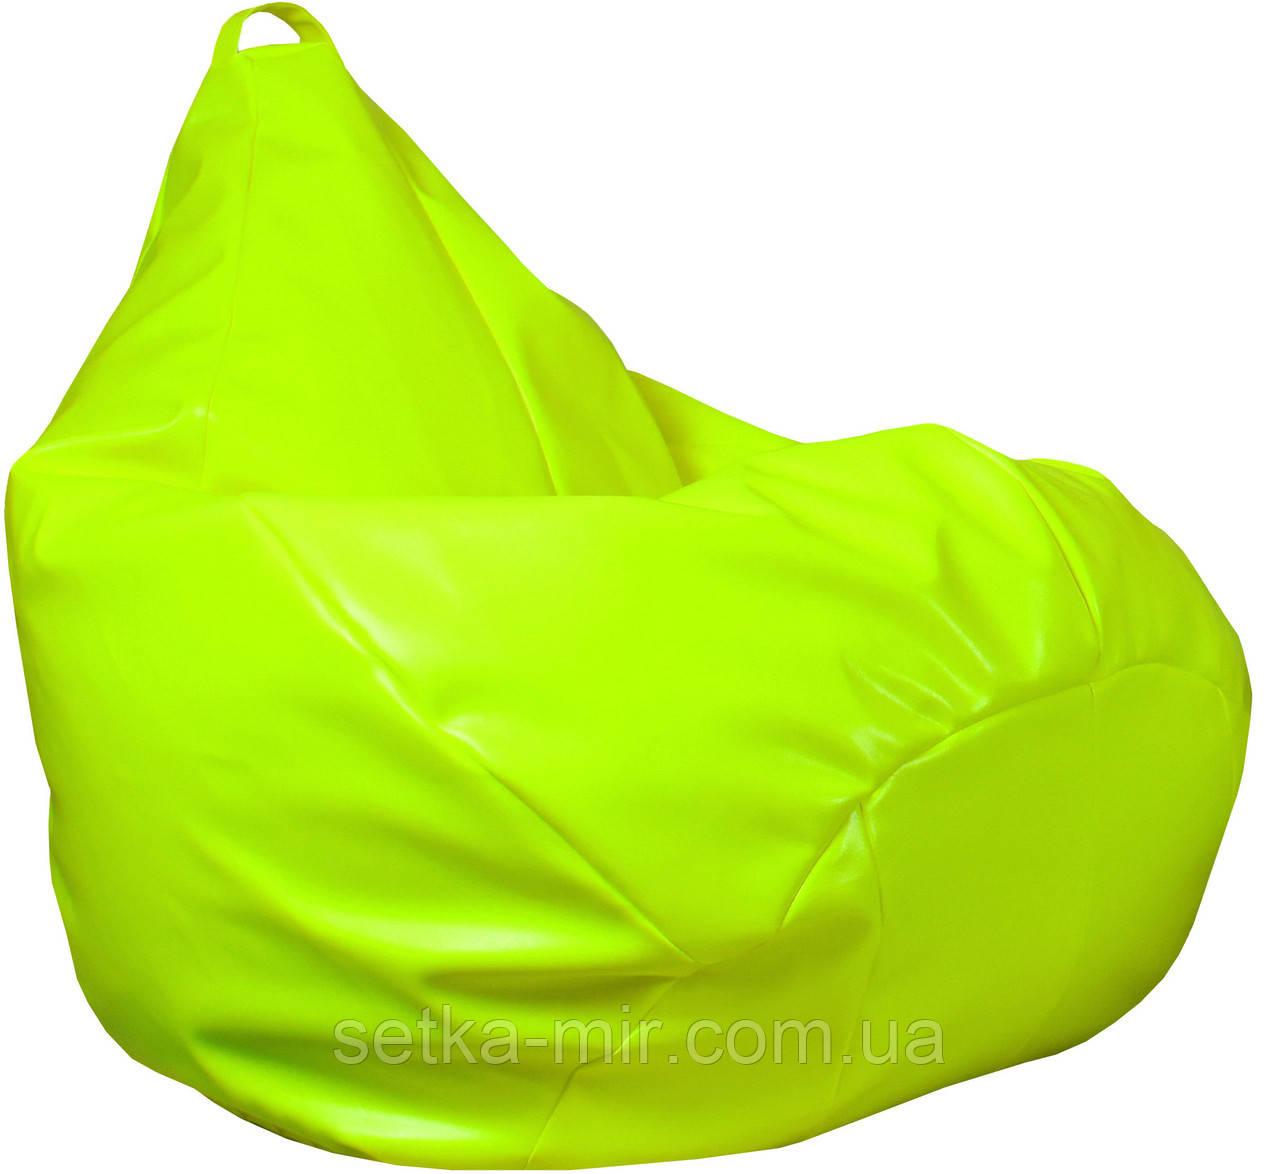 Кресло груша Фреш Лимон